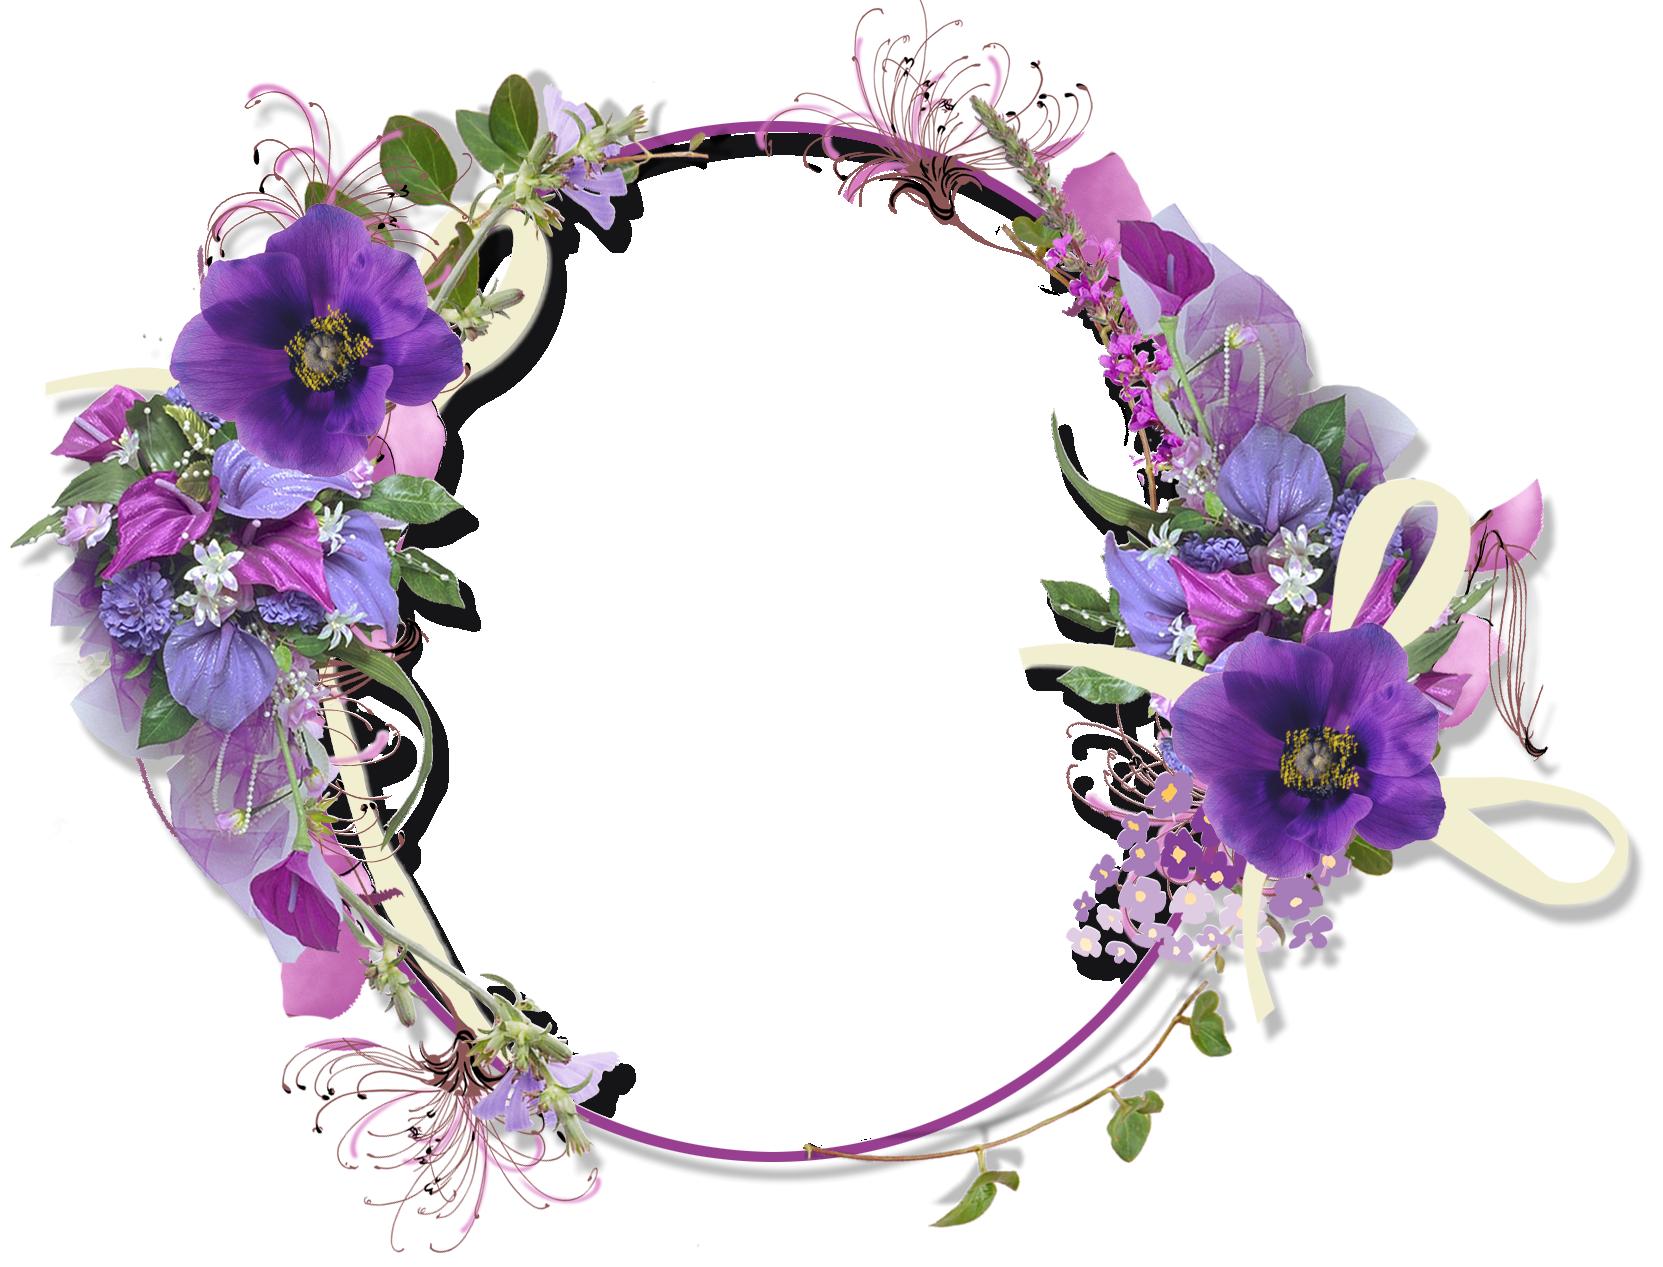 Khung ảnh hoa tròn